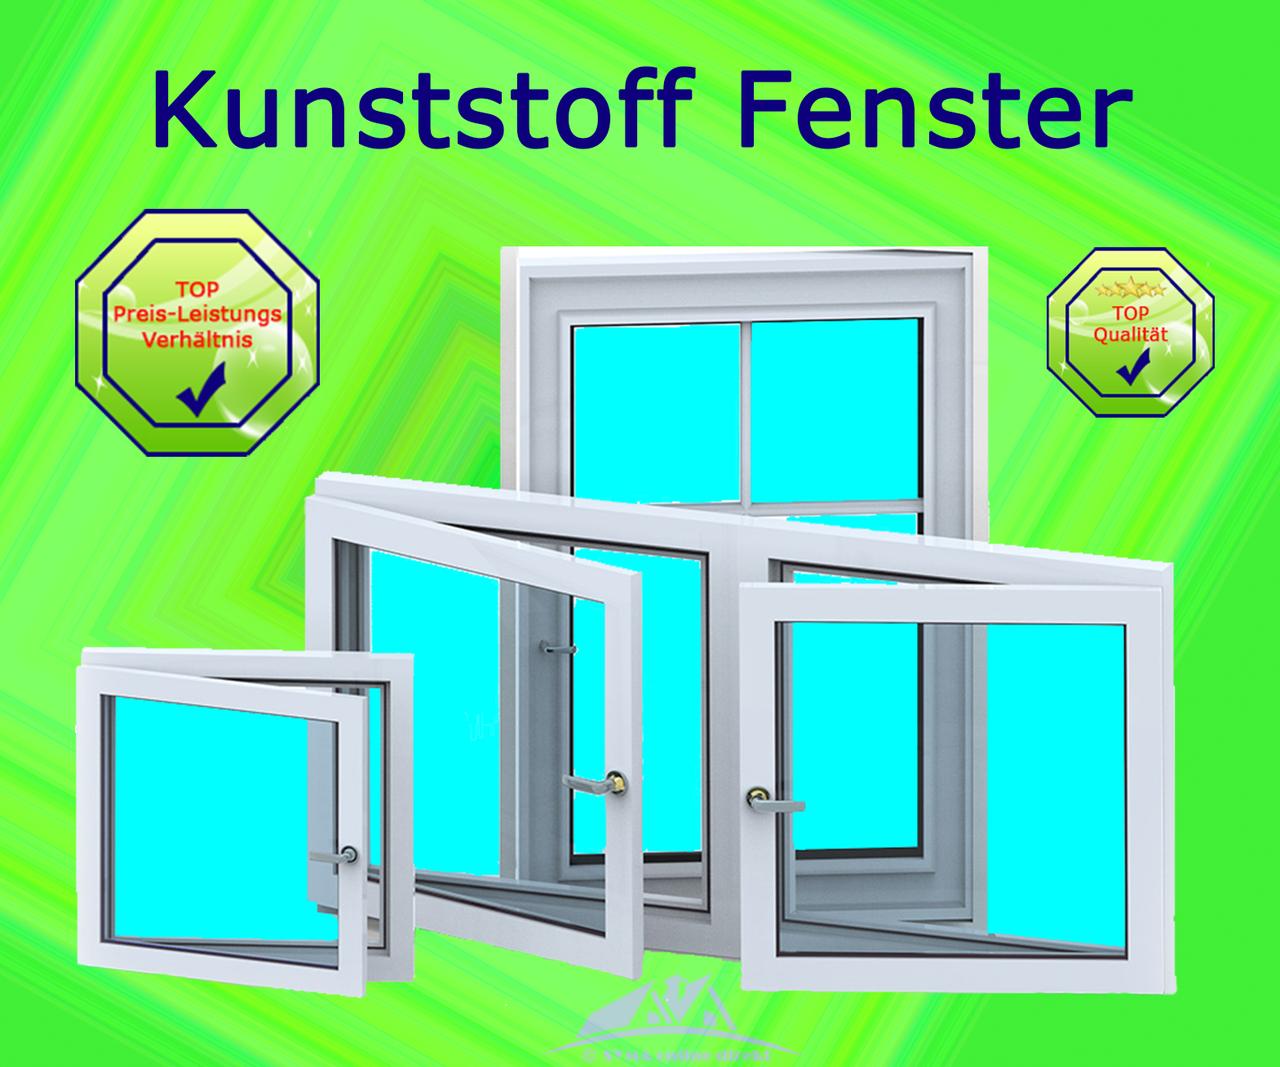 Kunststofffenster Fenster Aluplast 70mm Bautiefe Weiß Breite bis 90cm 1 Fl.